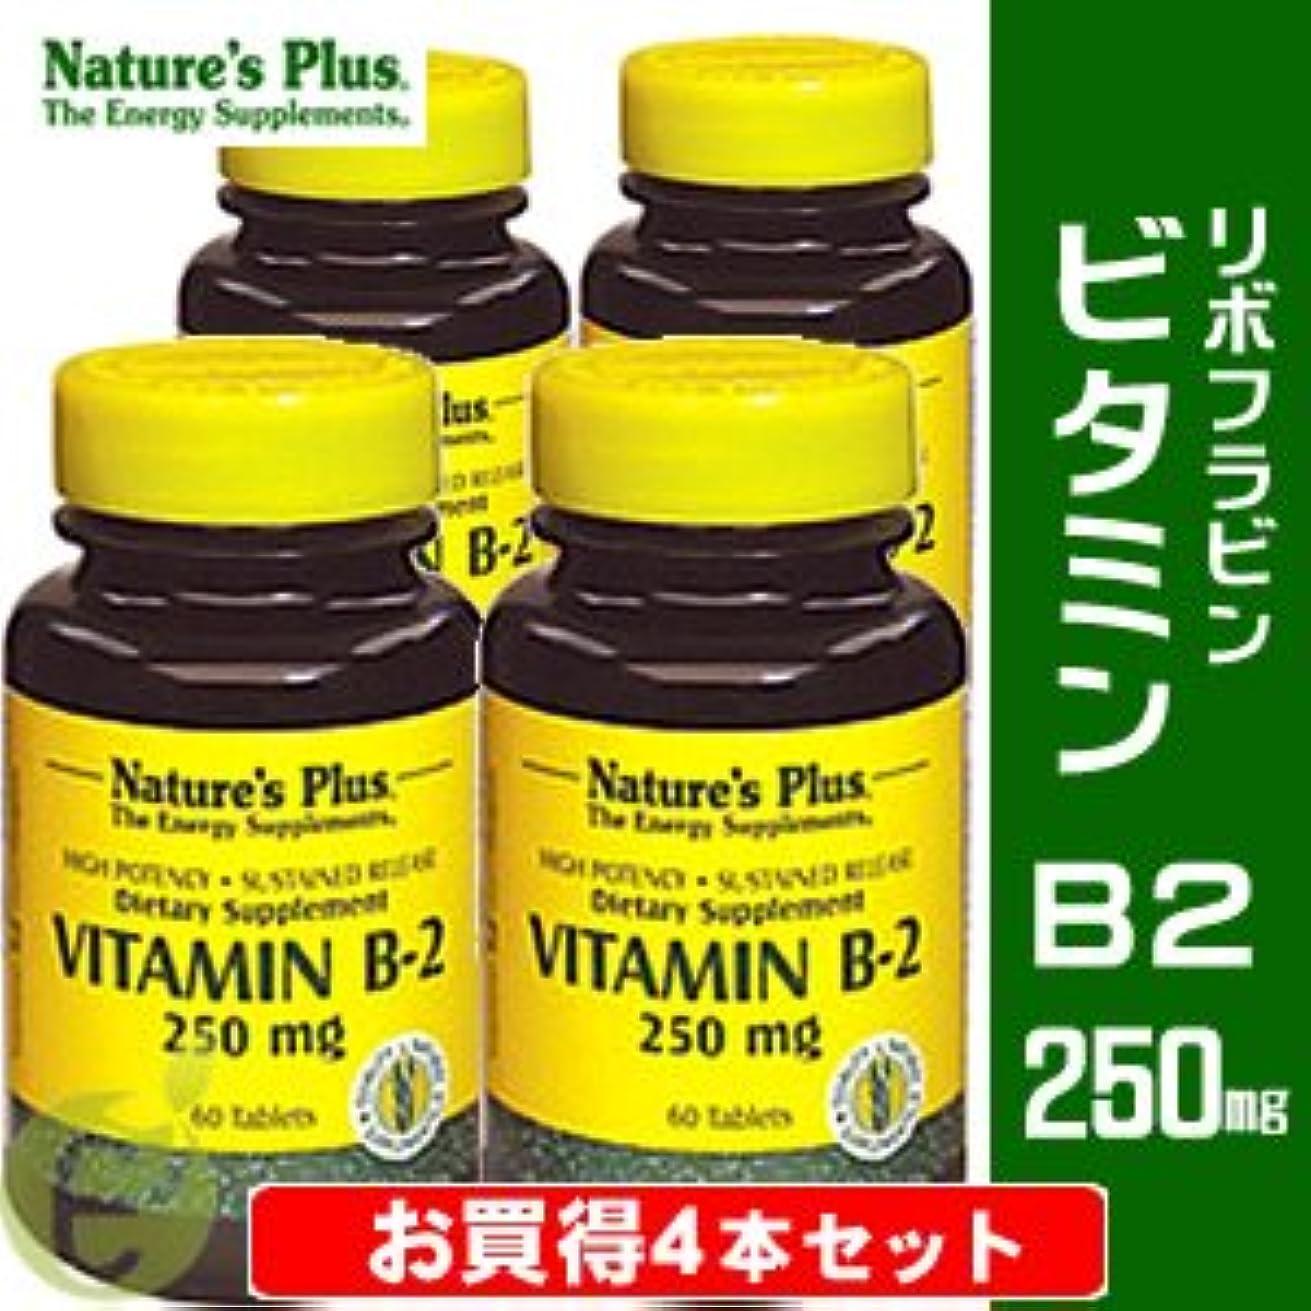 舗装娯楽作家ビタミンB2 250mg (リボフラビン) 【お買得4本セット】